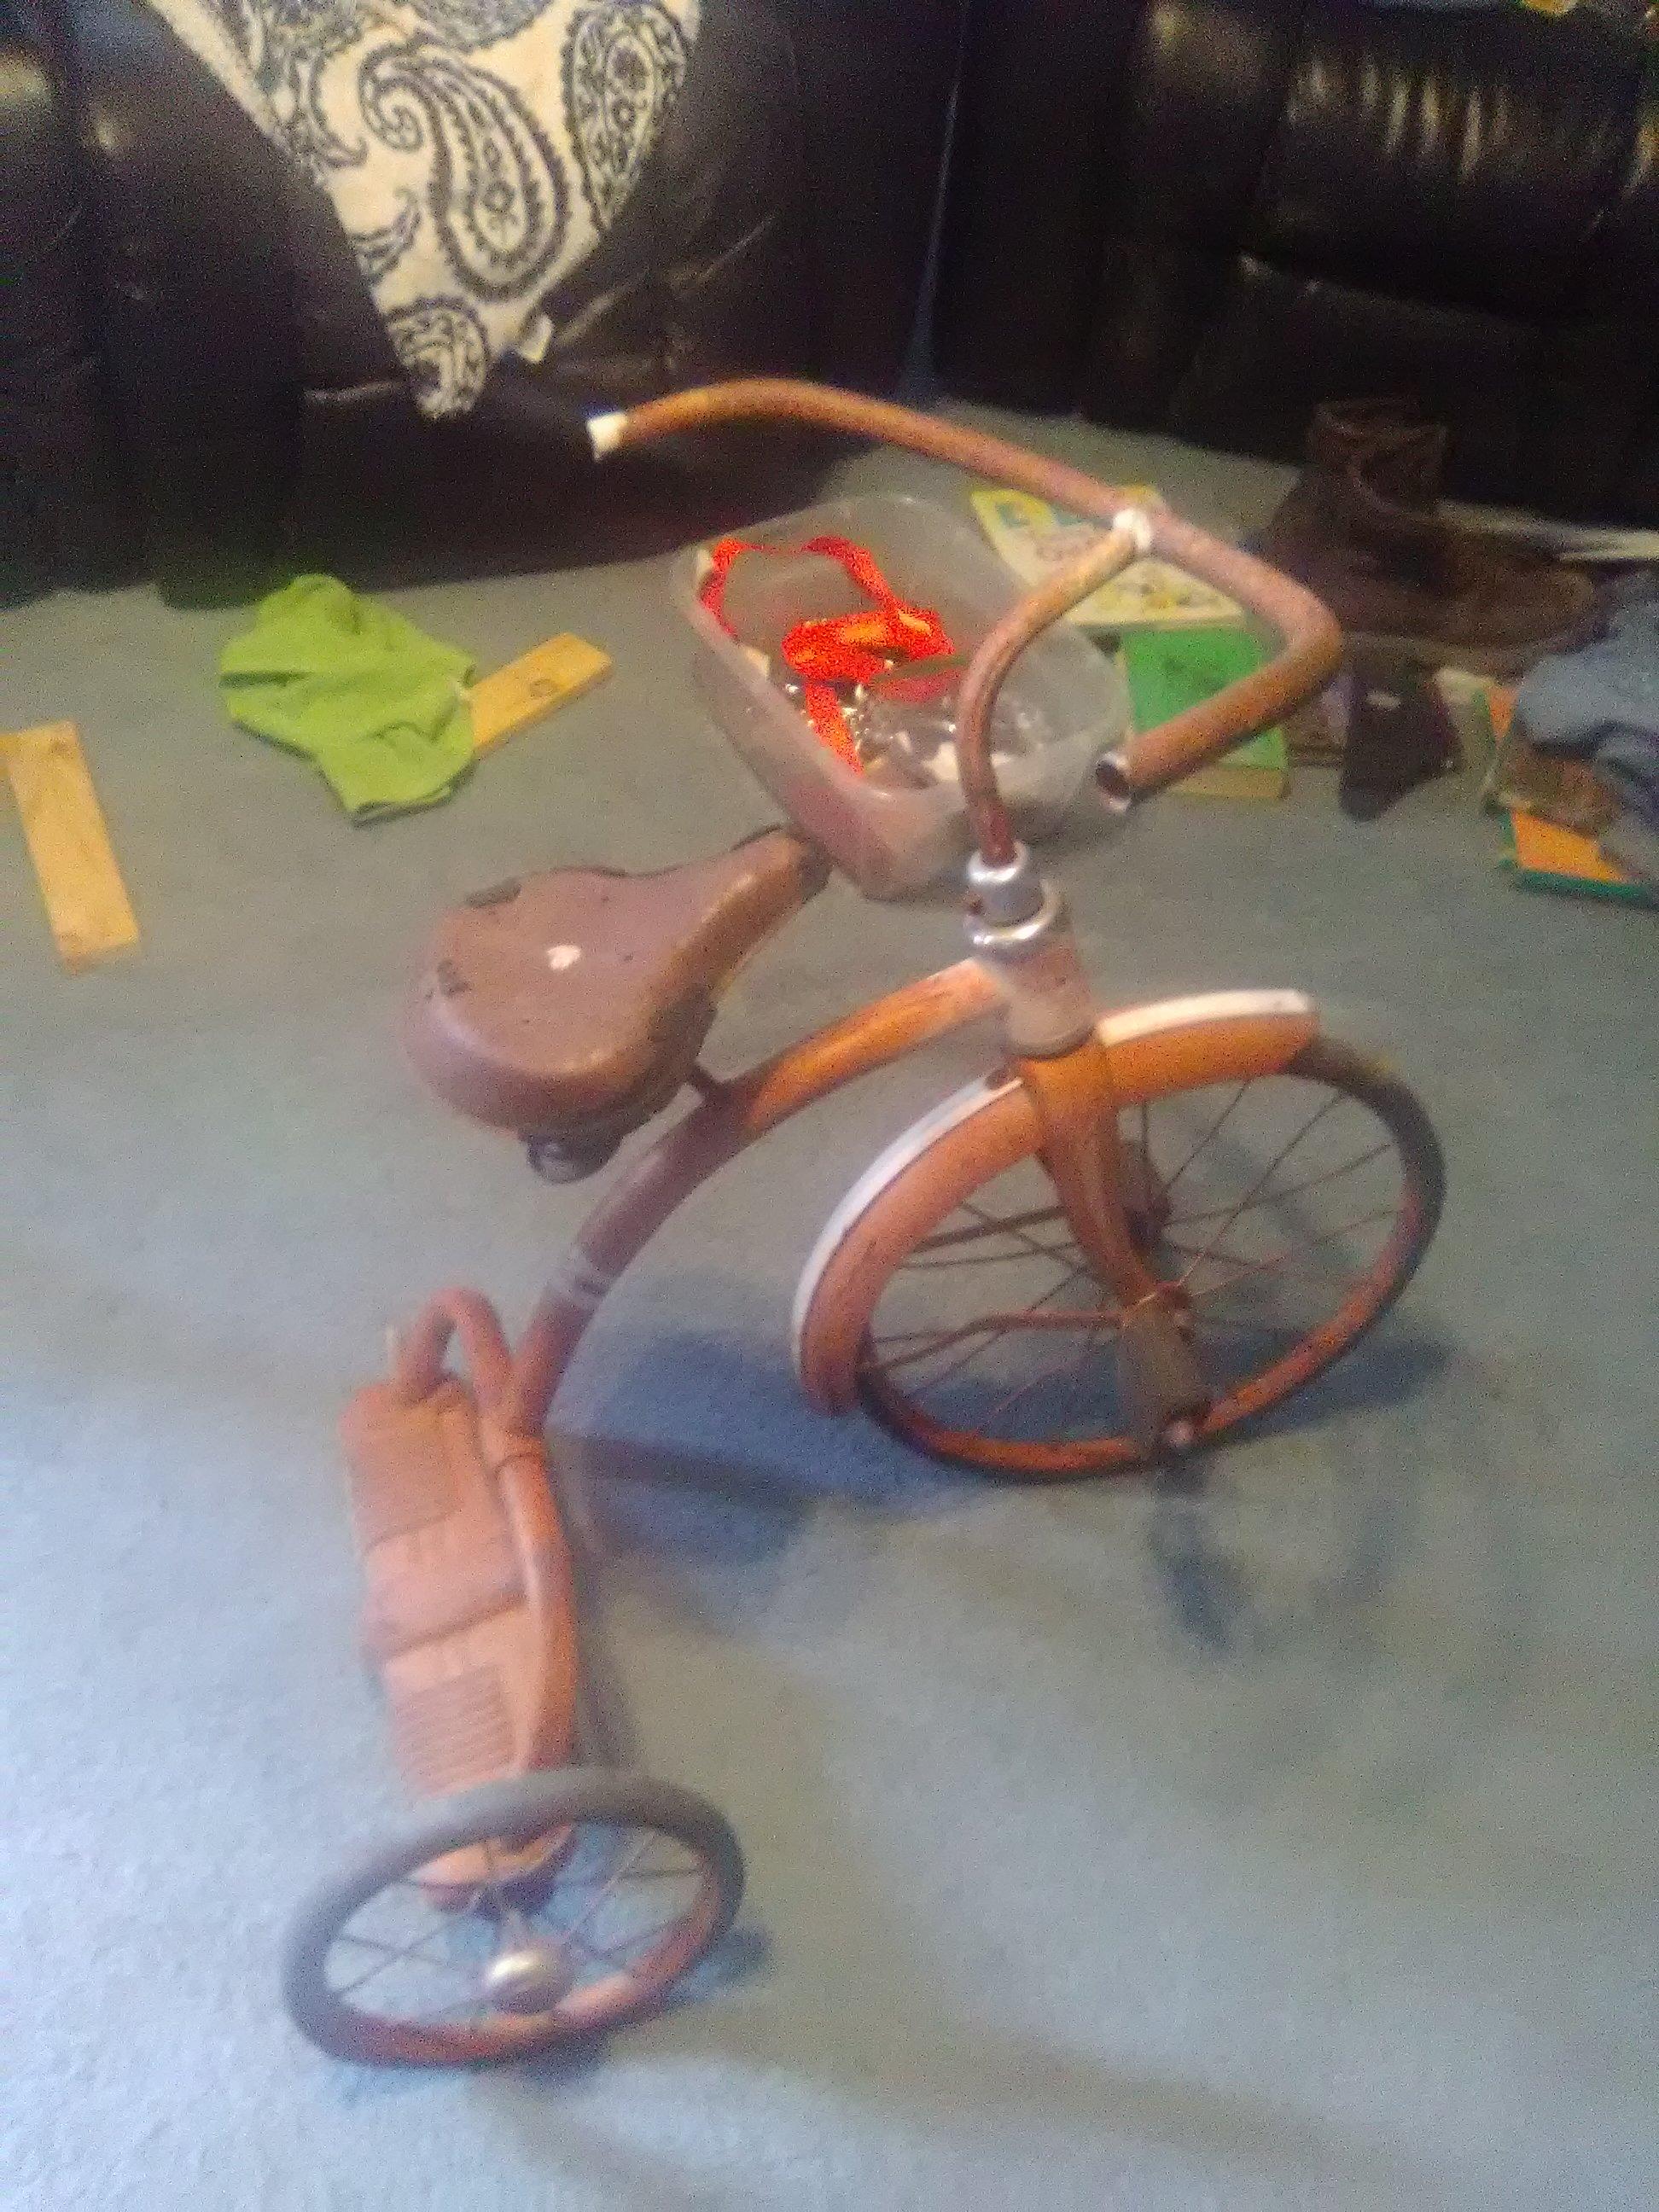 Vintage Tricycles - Vintage Tricycles